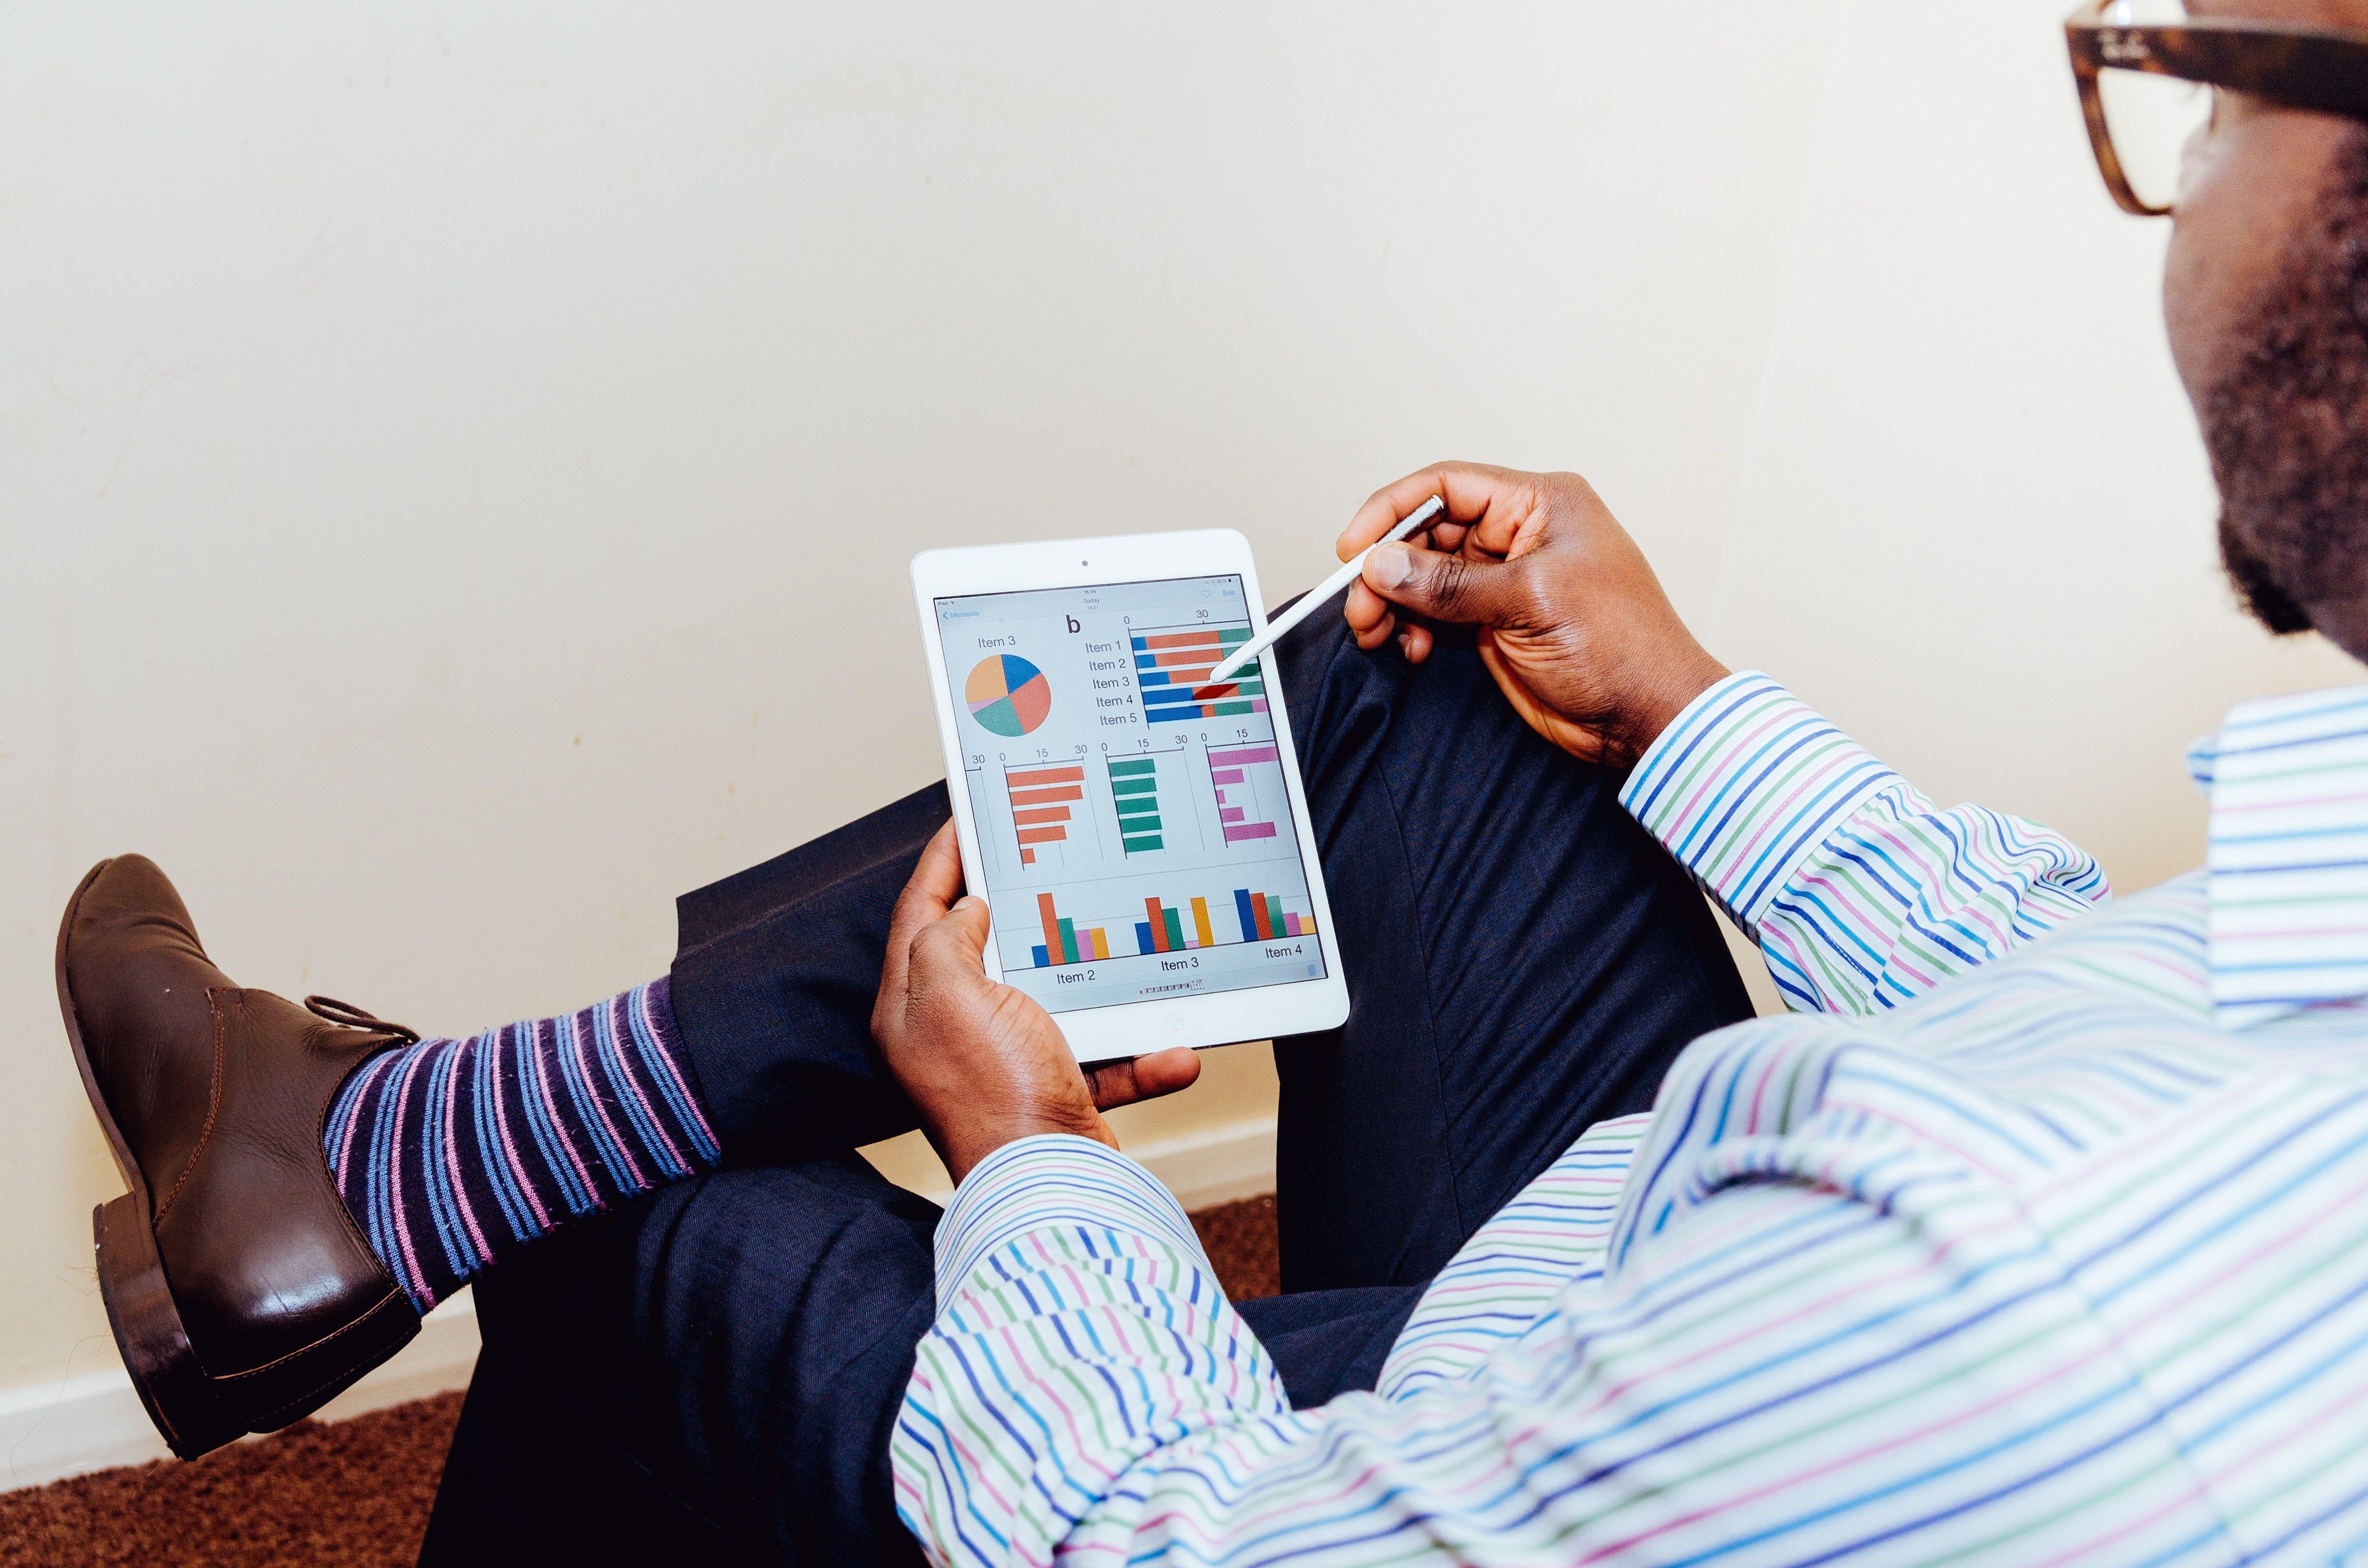 ¿Qué beneficios hay en desarrollar apps para mi empresa?